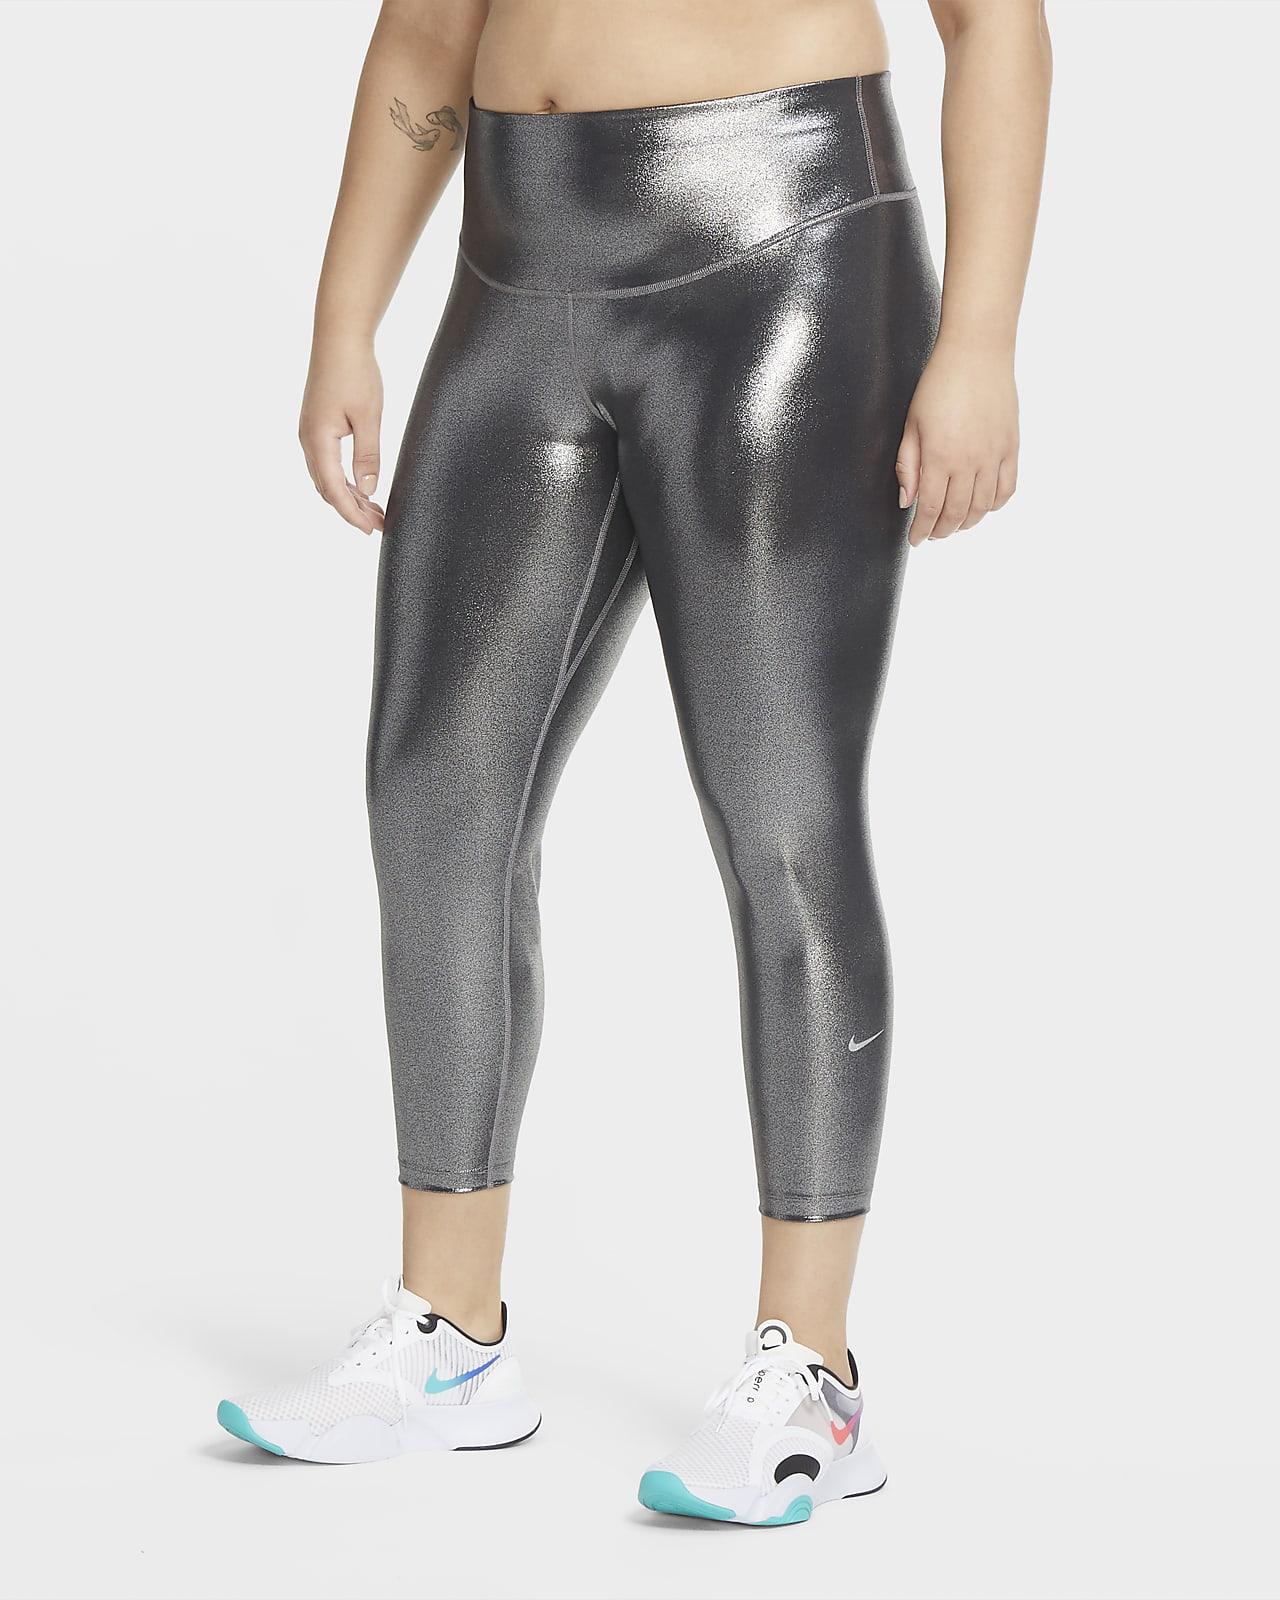 Nike One Icon Clash-tights i 7/8-længde til kvinder (Plus size)